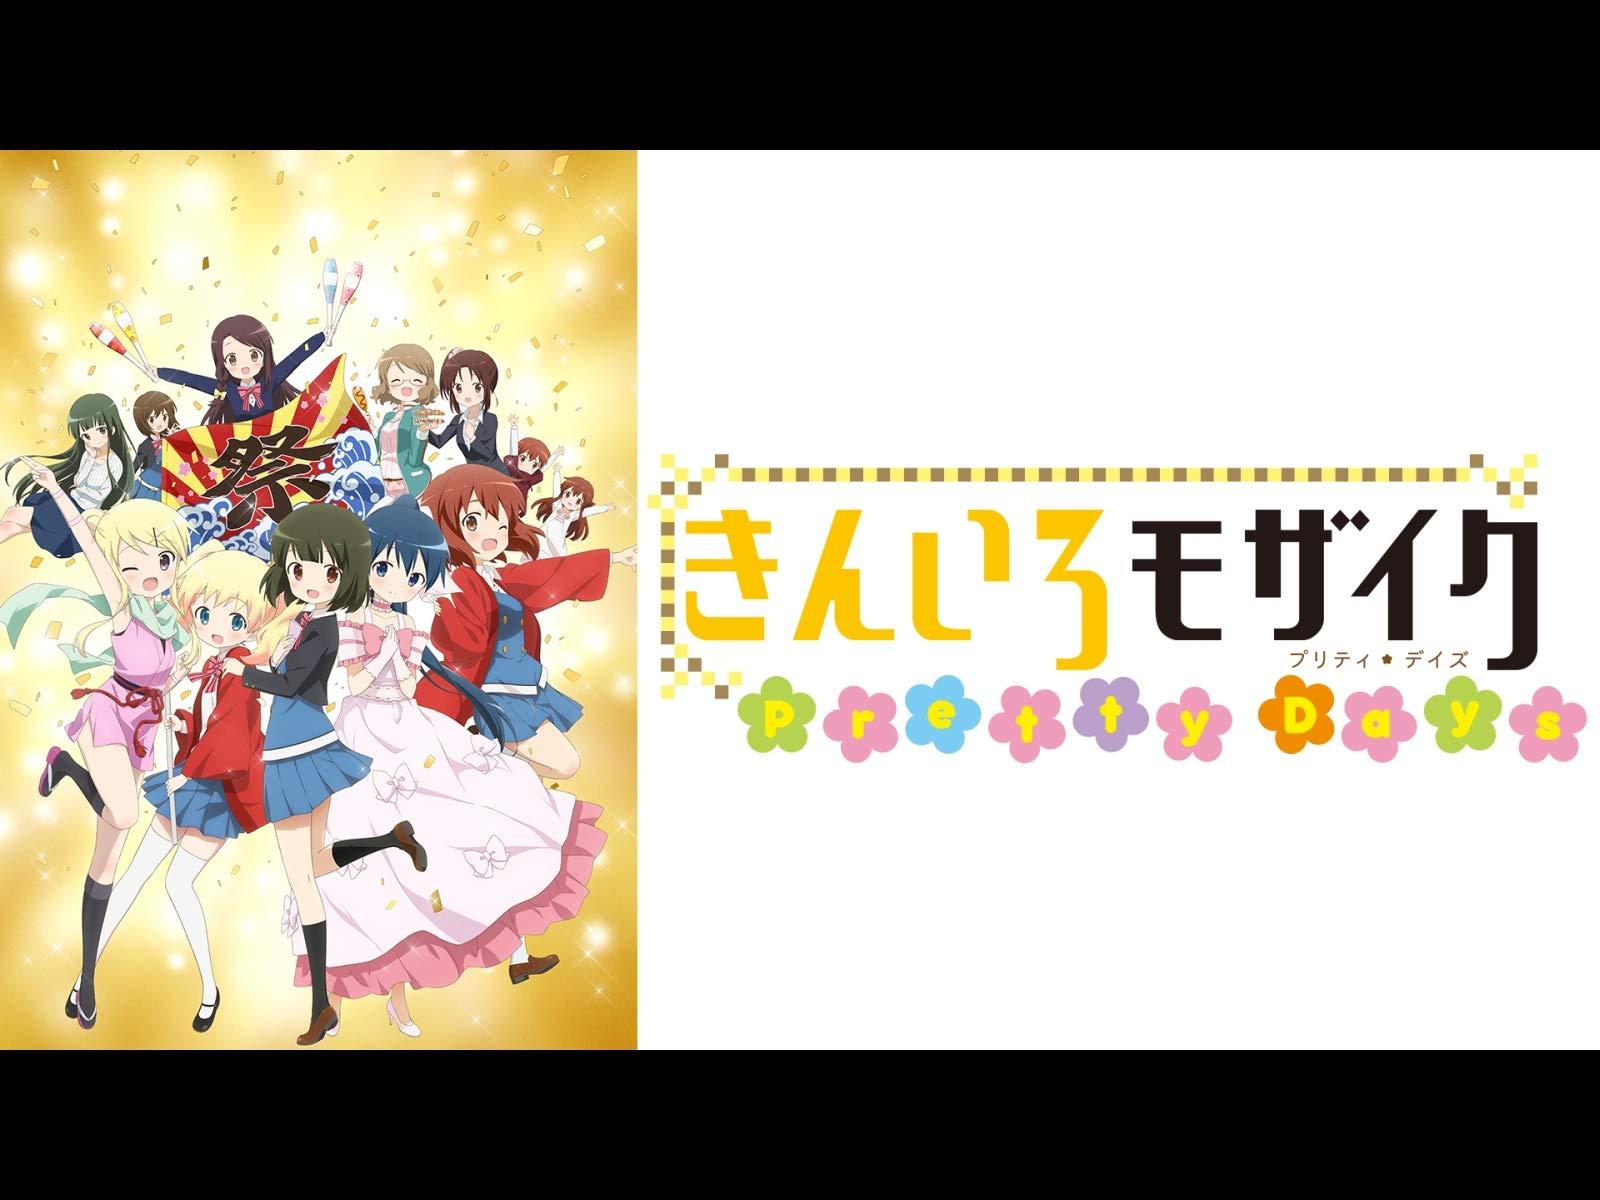 [Snow-Raws] 黄金拼图 Pretty Days/Kin`iro Mosaic: Pretty Days/きんいろモザイク Pretty Days (BD 1920×1080 HEVC-YUV420P10 FLACx2)